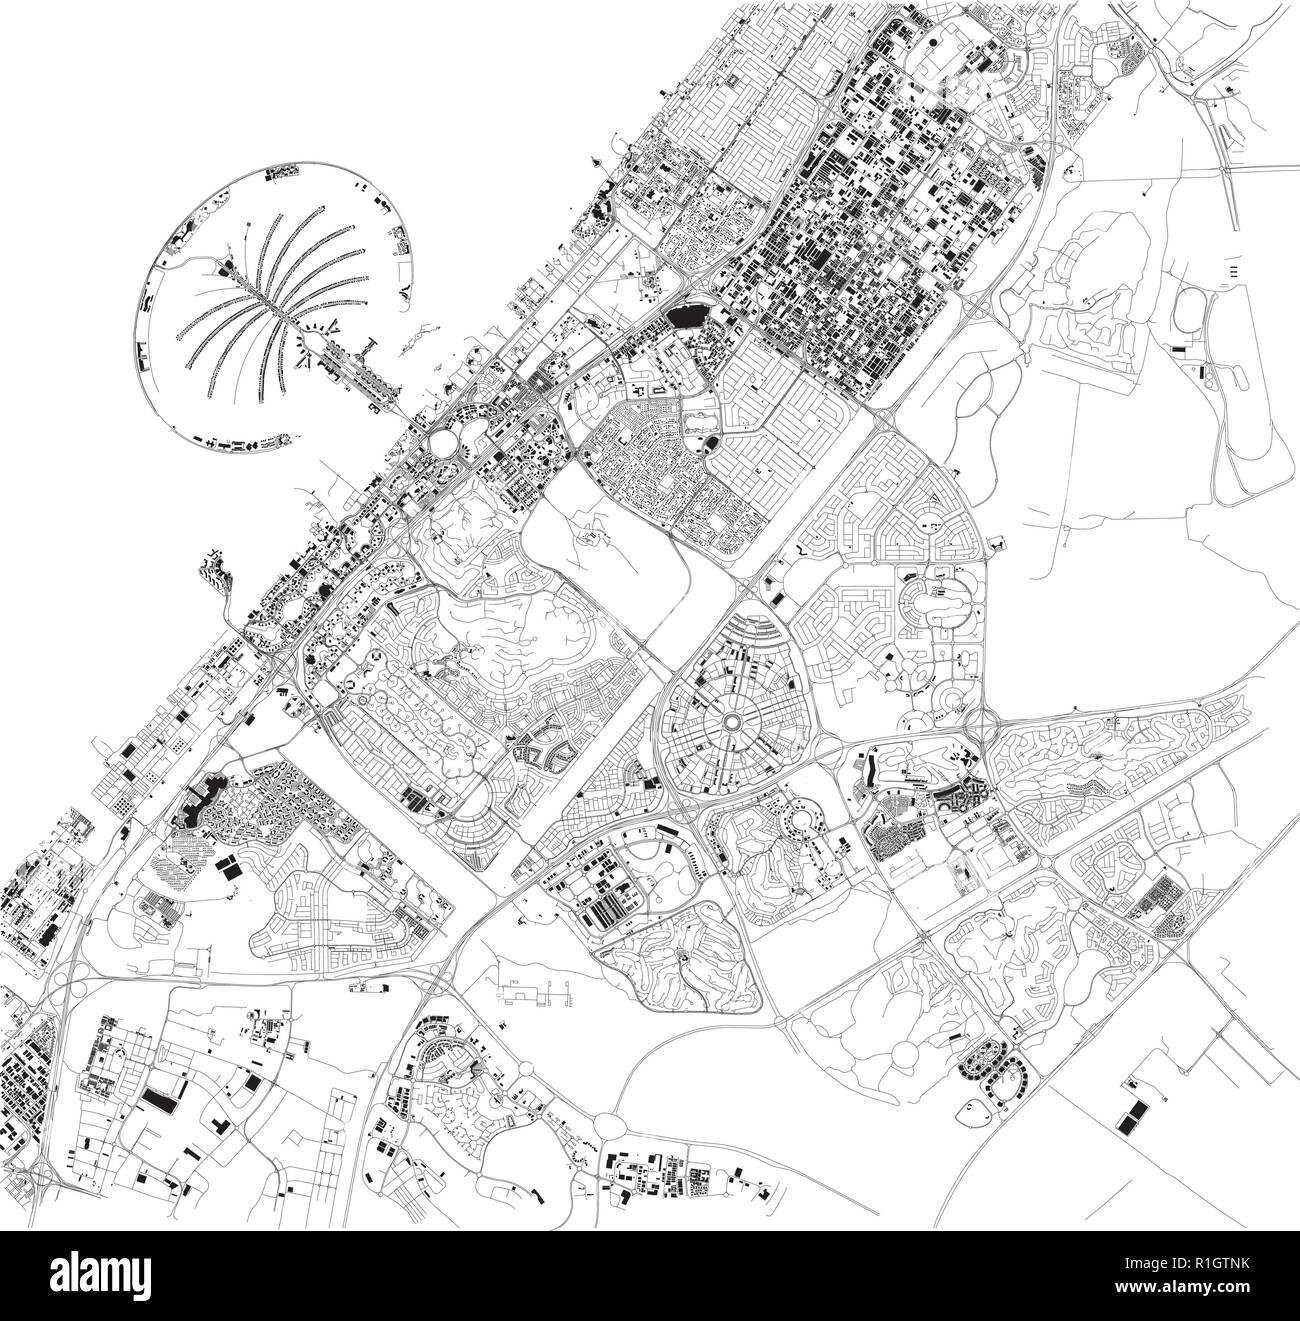 Cartina Geografica Di Dubai.Mappa Satellitare Di Dubai Emirati Arabi Uniti Strade Della Citta Cartina Stradale E Mappa Del Centro Citta Immagine E Vettoriale Alamy